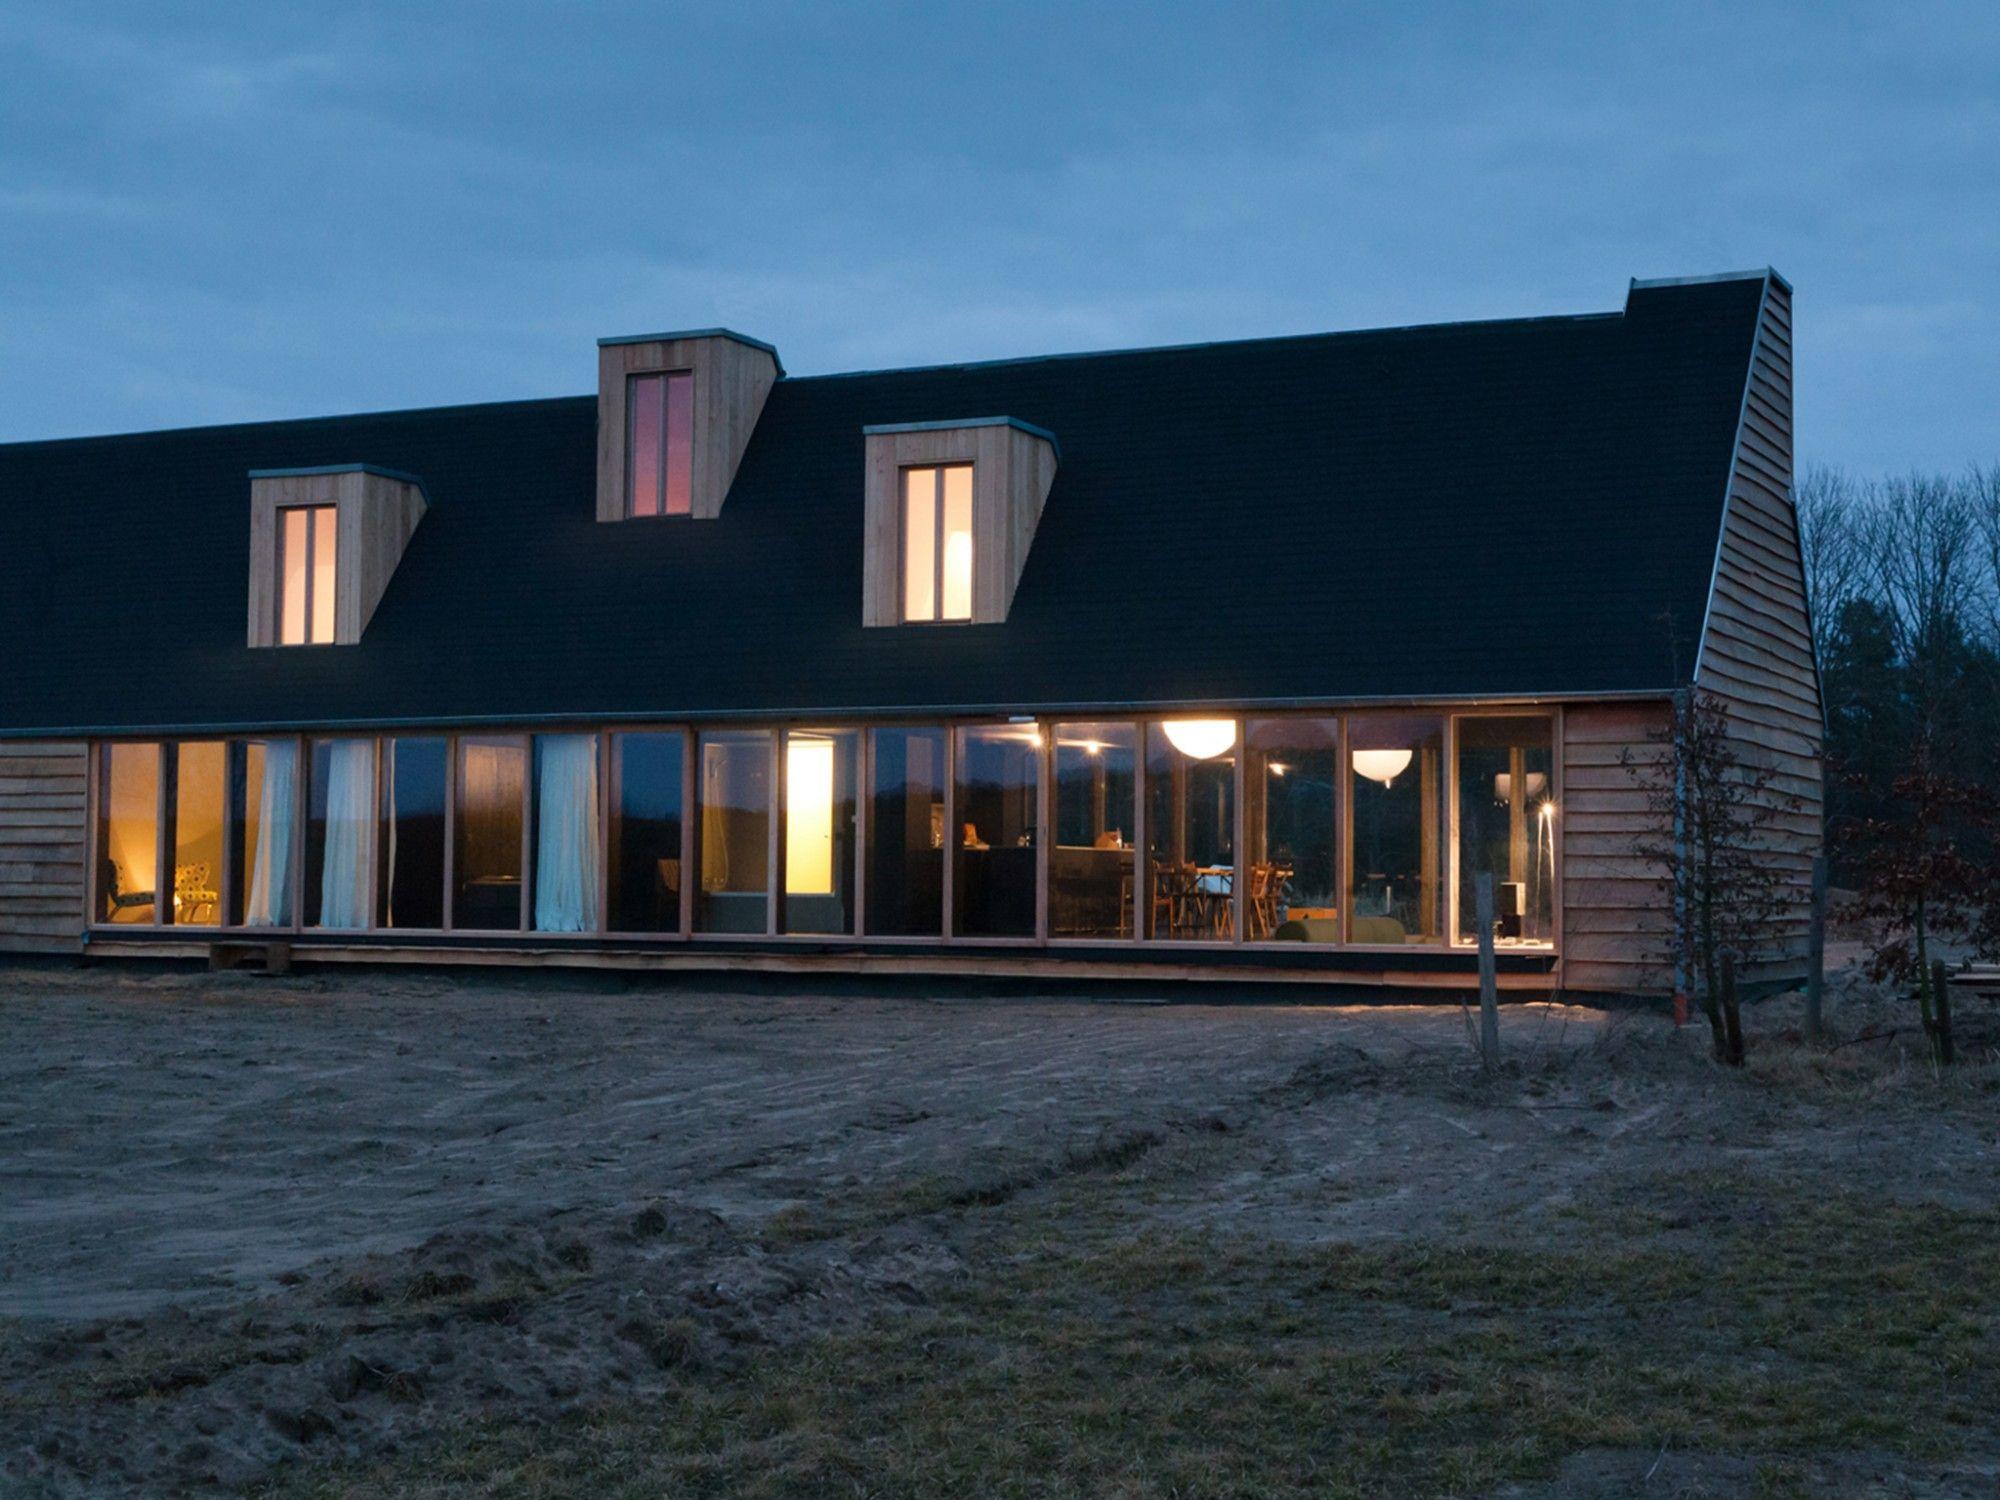 Schwarzes Haus schwarzes haus tka kröger architekten berlin houses